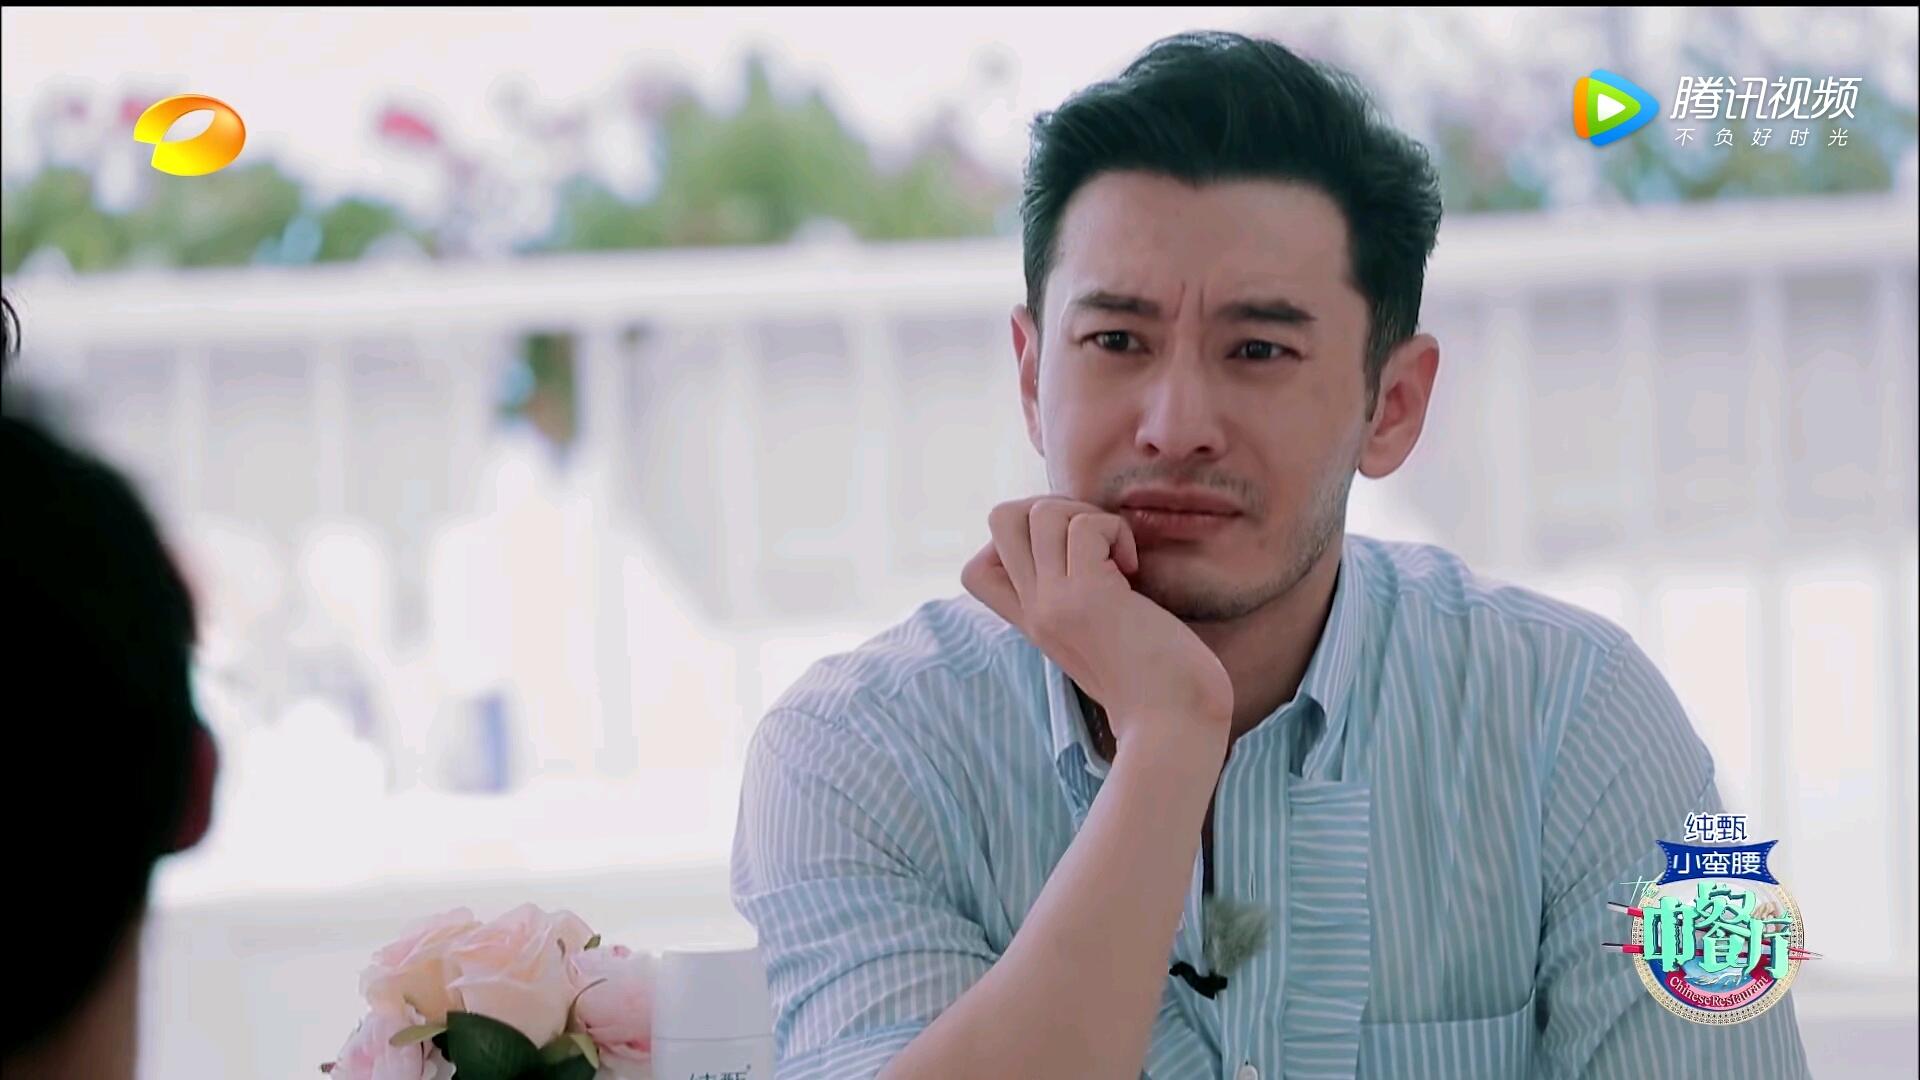 研究霸道总裁黄,我们是认真的?靳东清朝古装剧图片